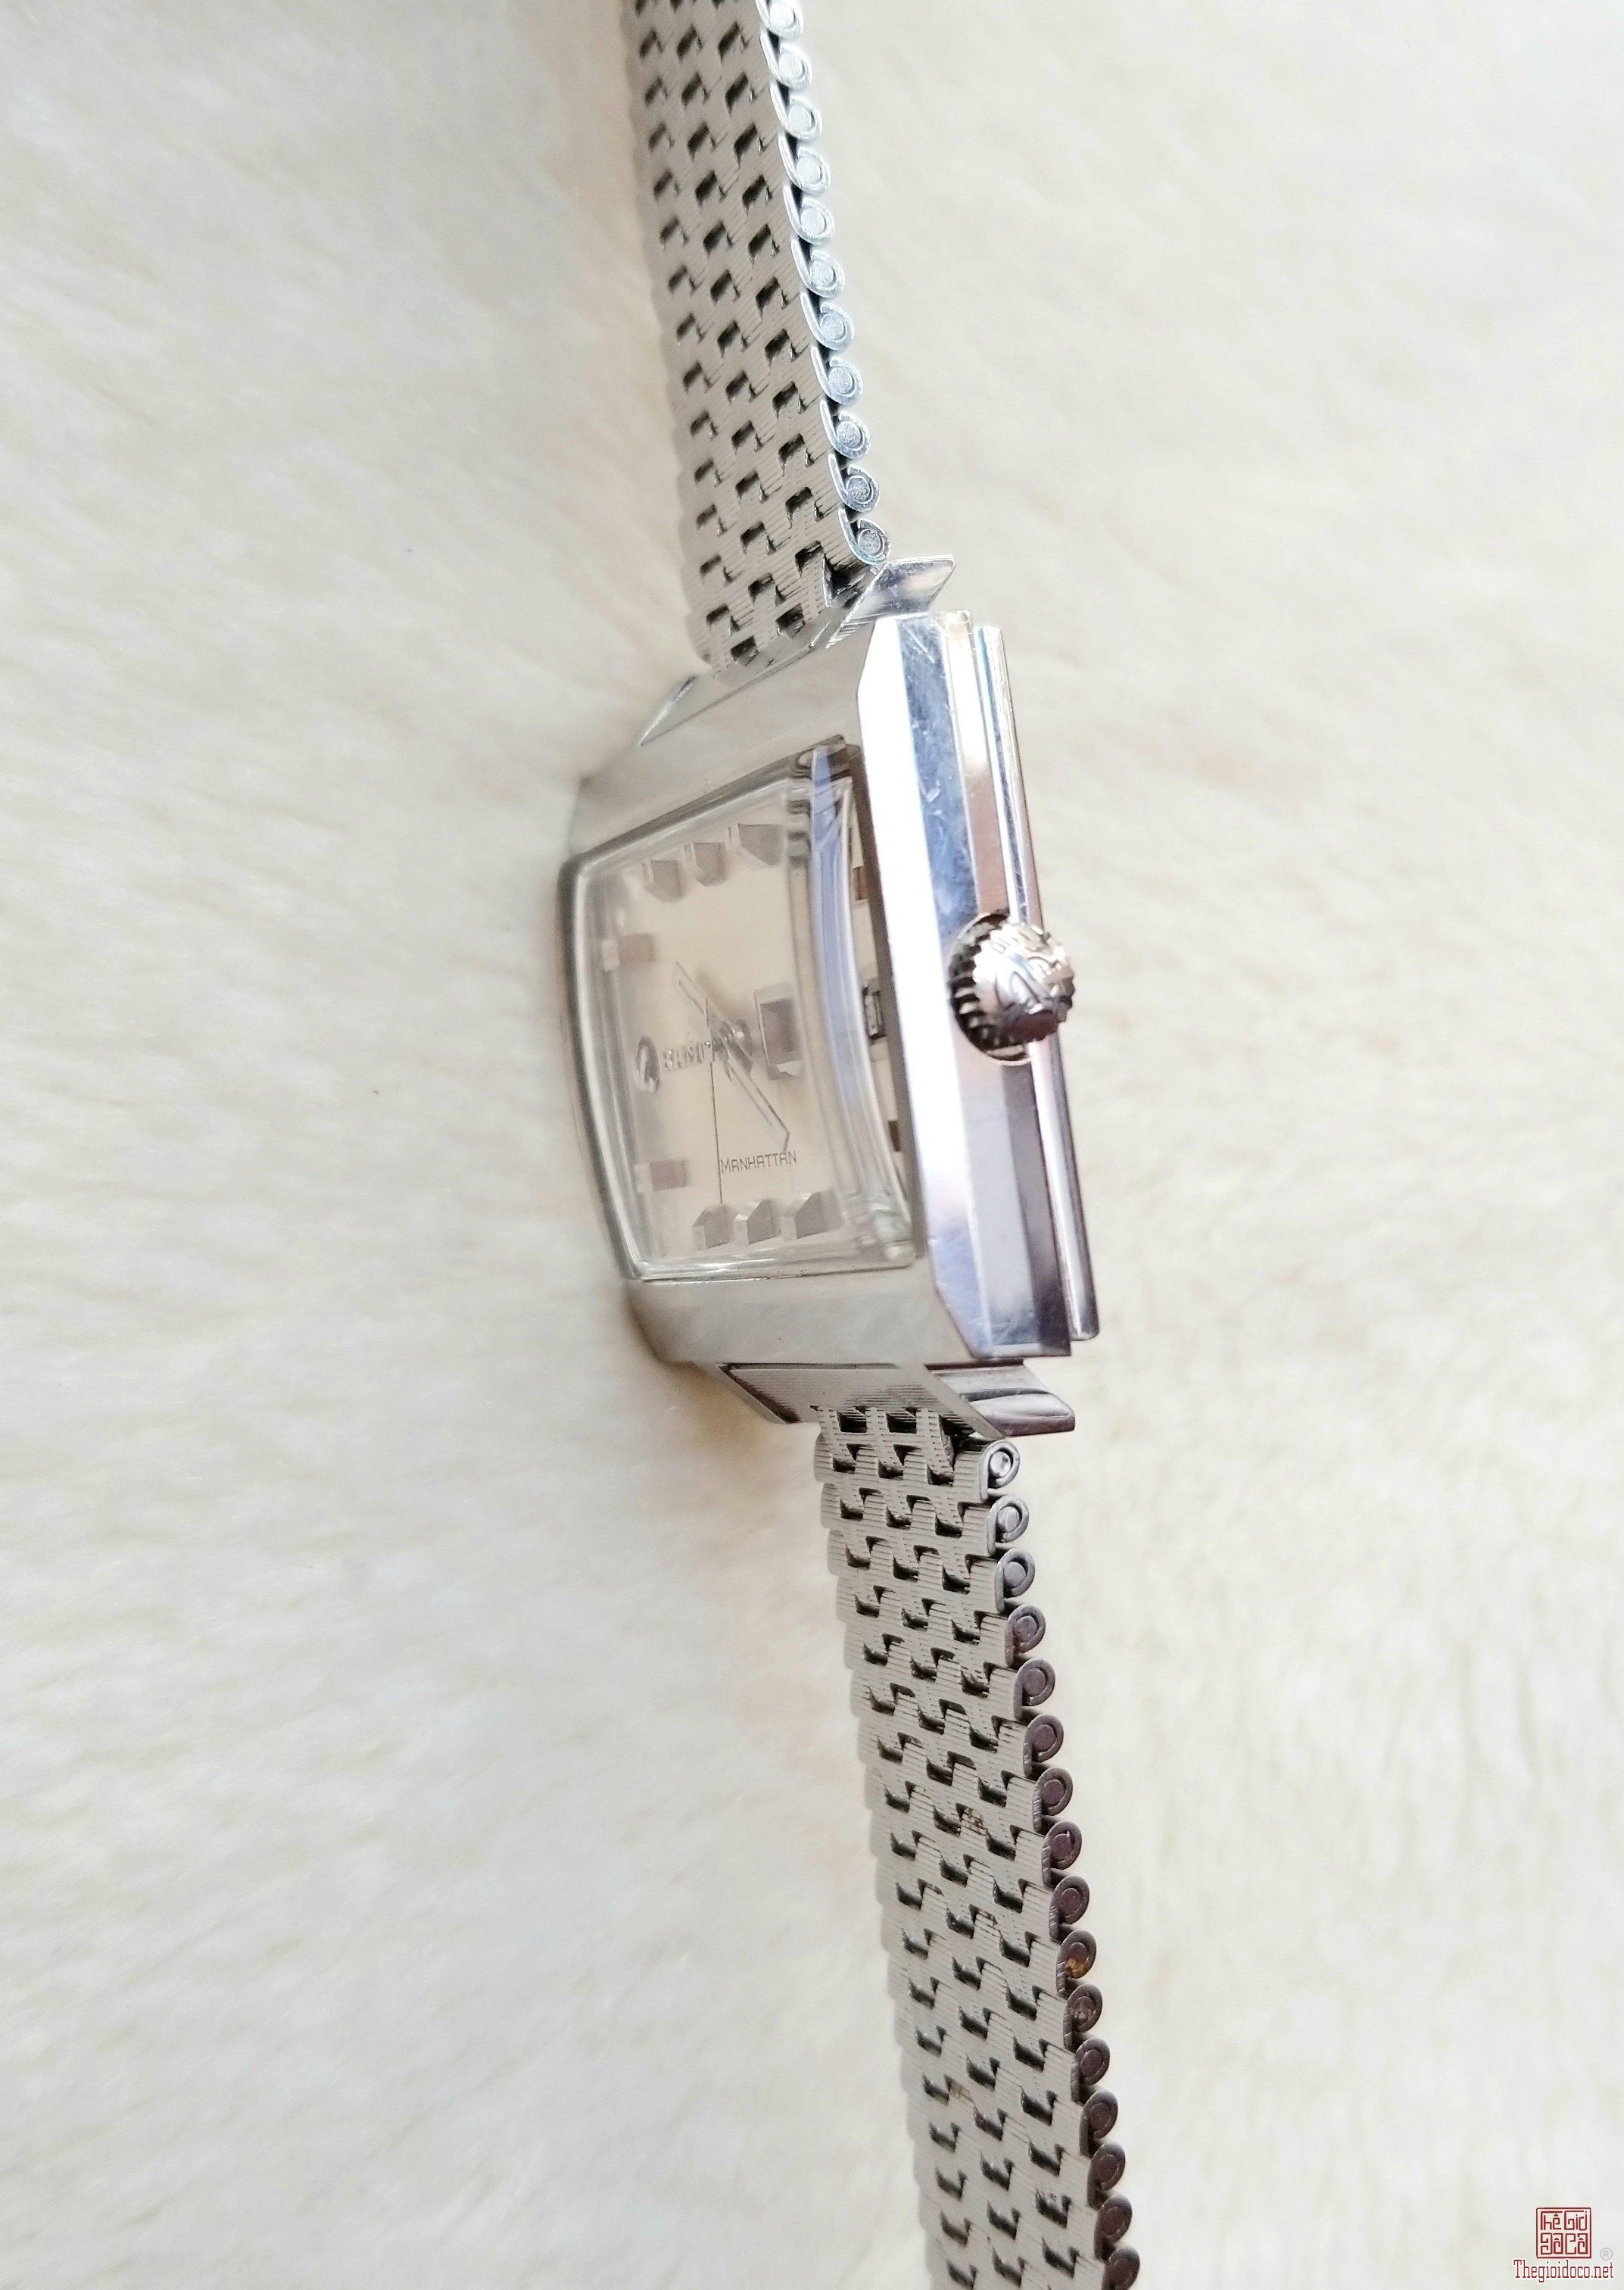 Đồng hồ xưa tự động RADO MANHATTAN Thụy Sỹ